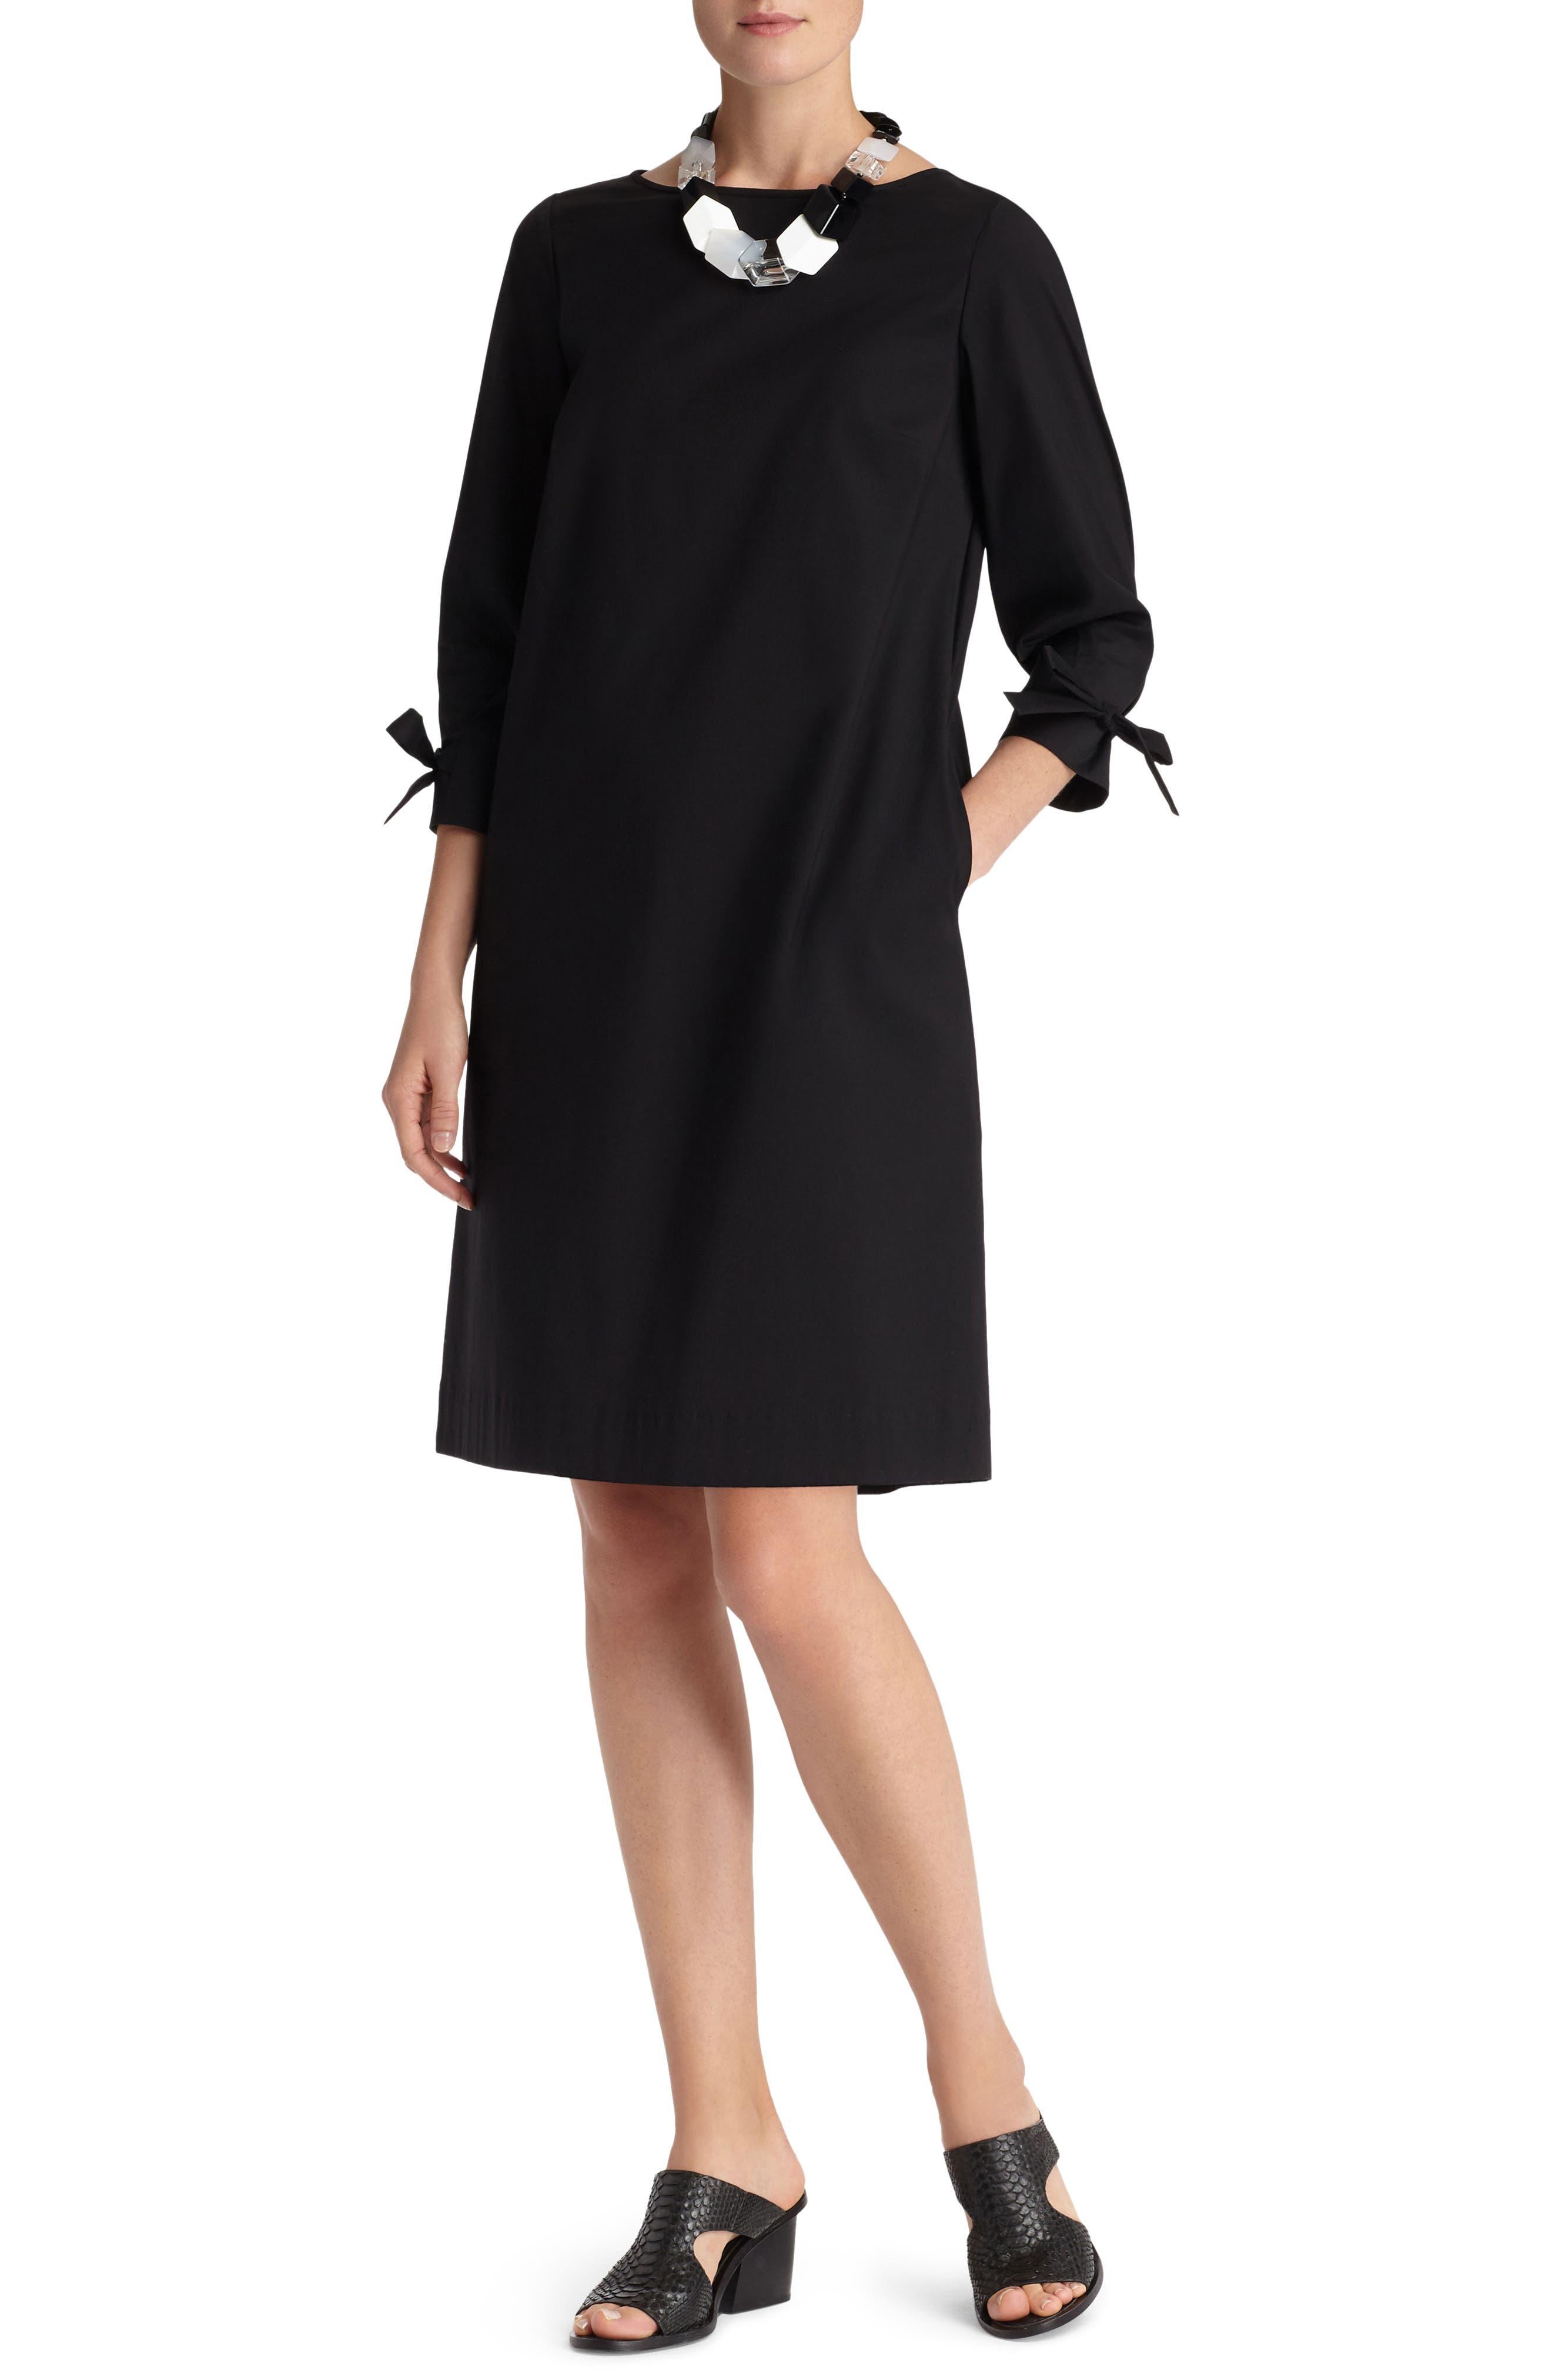 Paige Cotton Blend Dress,                             Main thumbnail 1, color,                             Black